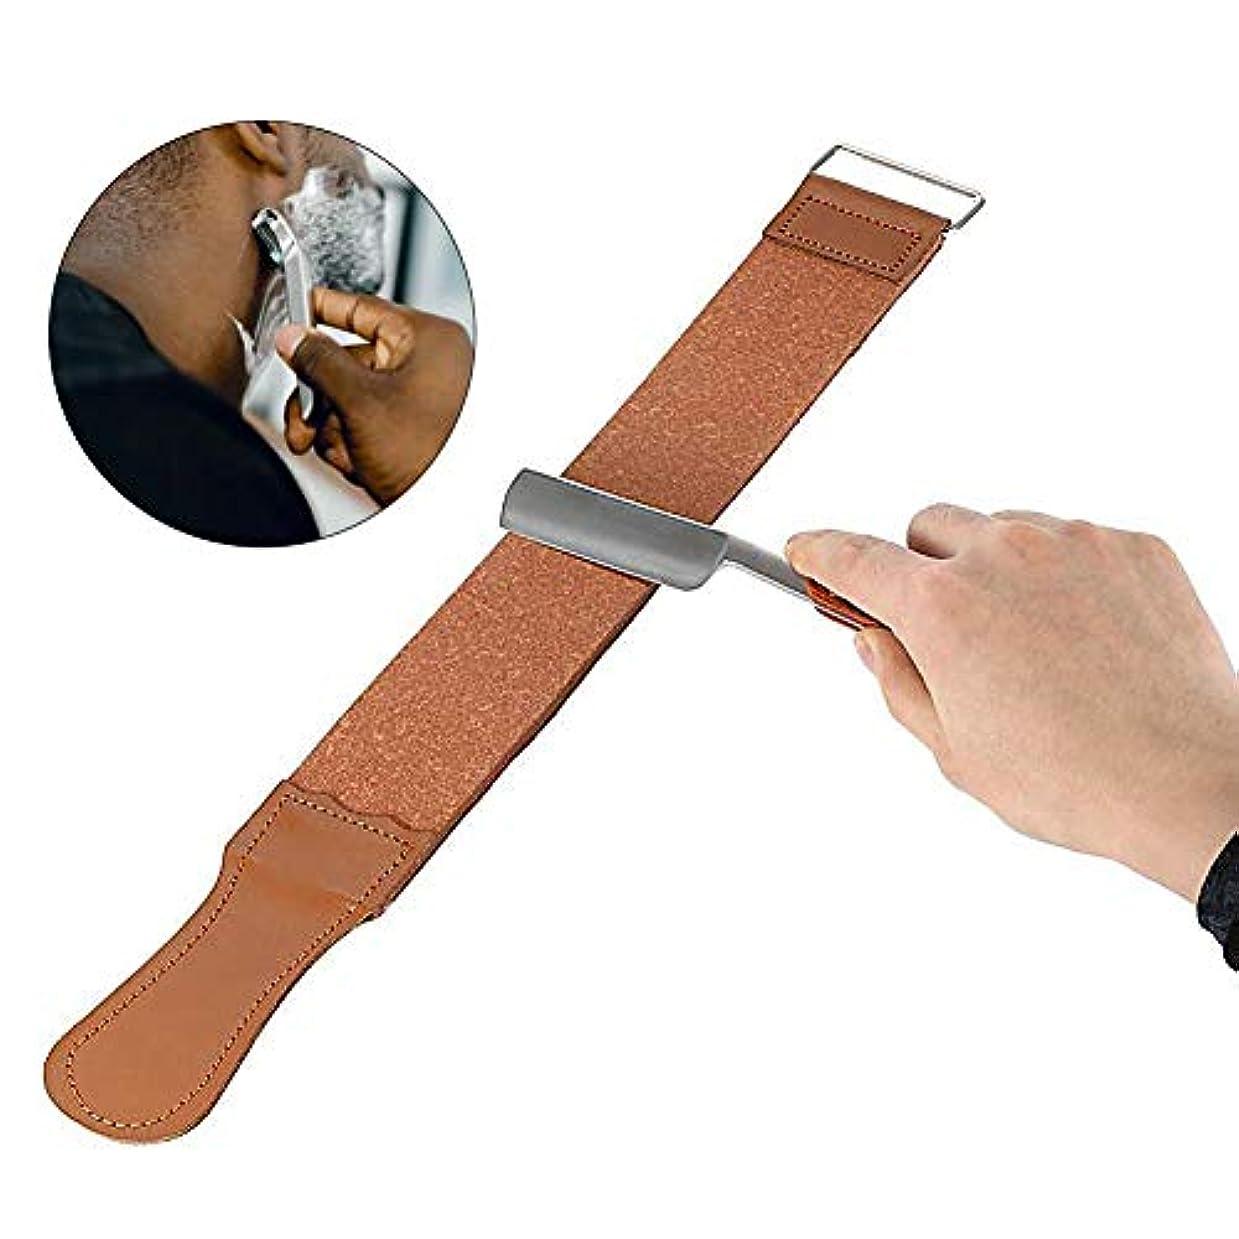 縮約喪トライアスリート革布かみそりストラップ、二重層革研削布スクレーパー男性シェービングツール 耐久性